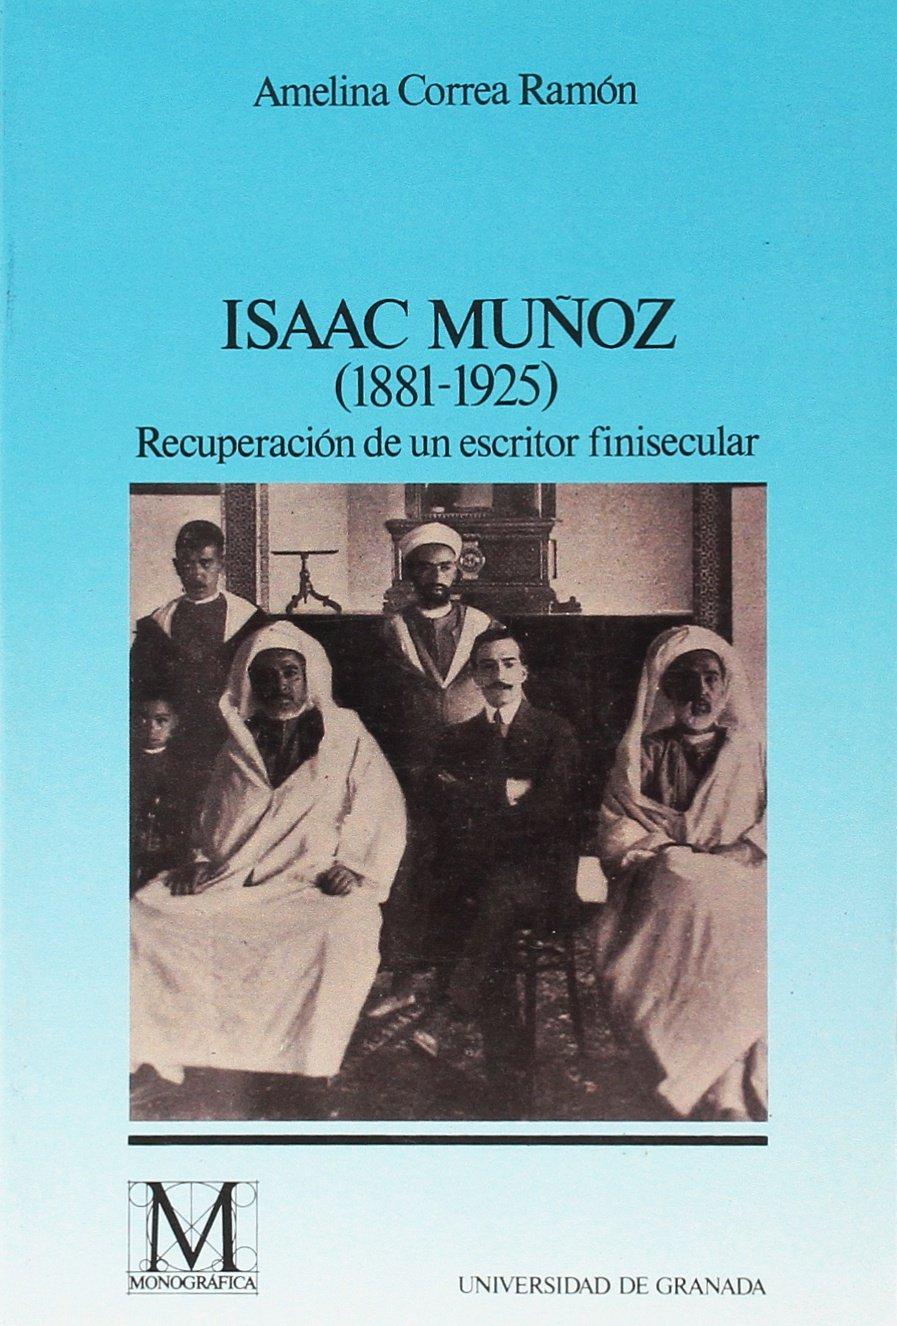 Amazon.com: Isaac Munoz (1881-1925): Recuperacion de un escritor finisecular (Critica literaria) (Spanish Edition) (9788433822277): Amelina Correa Ramon: ...